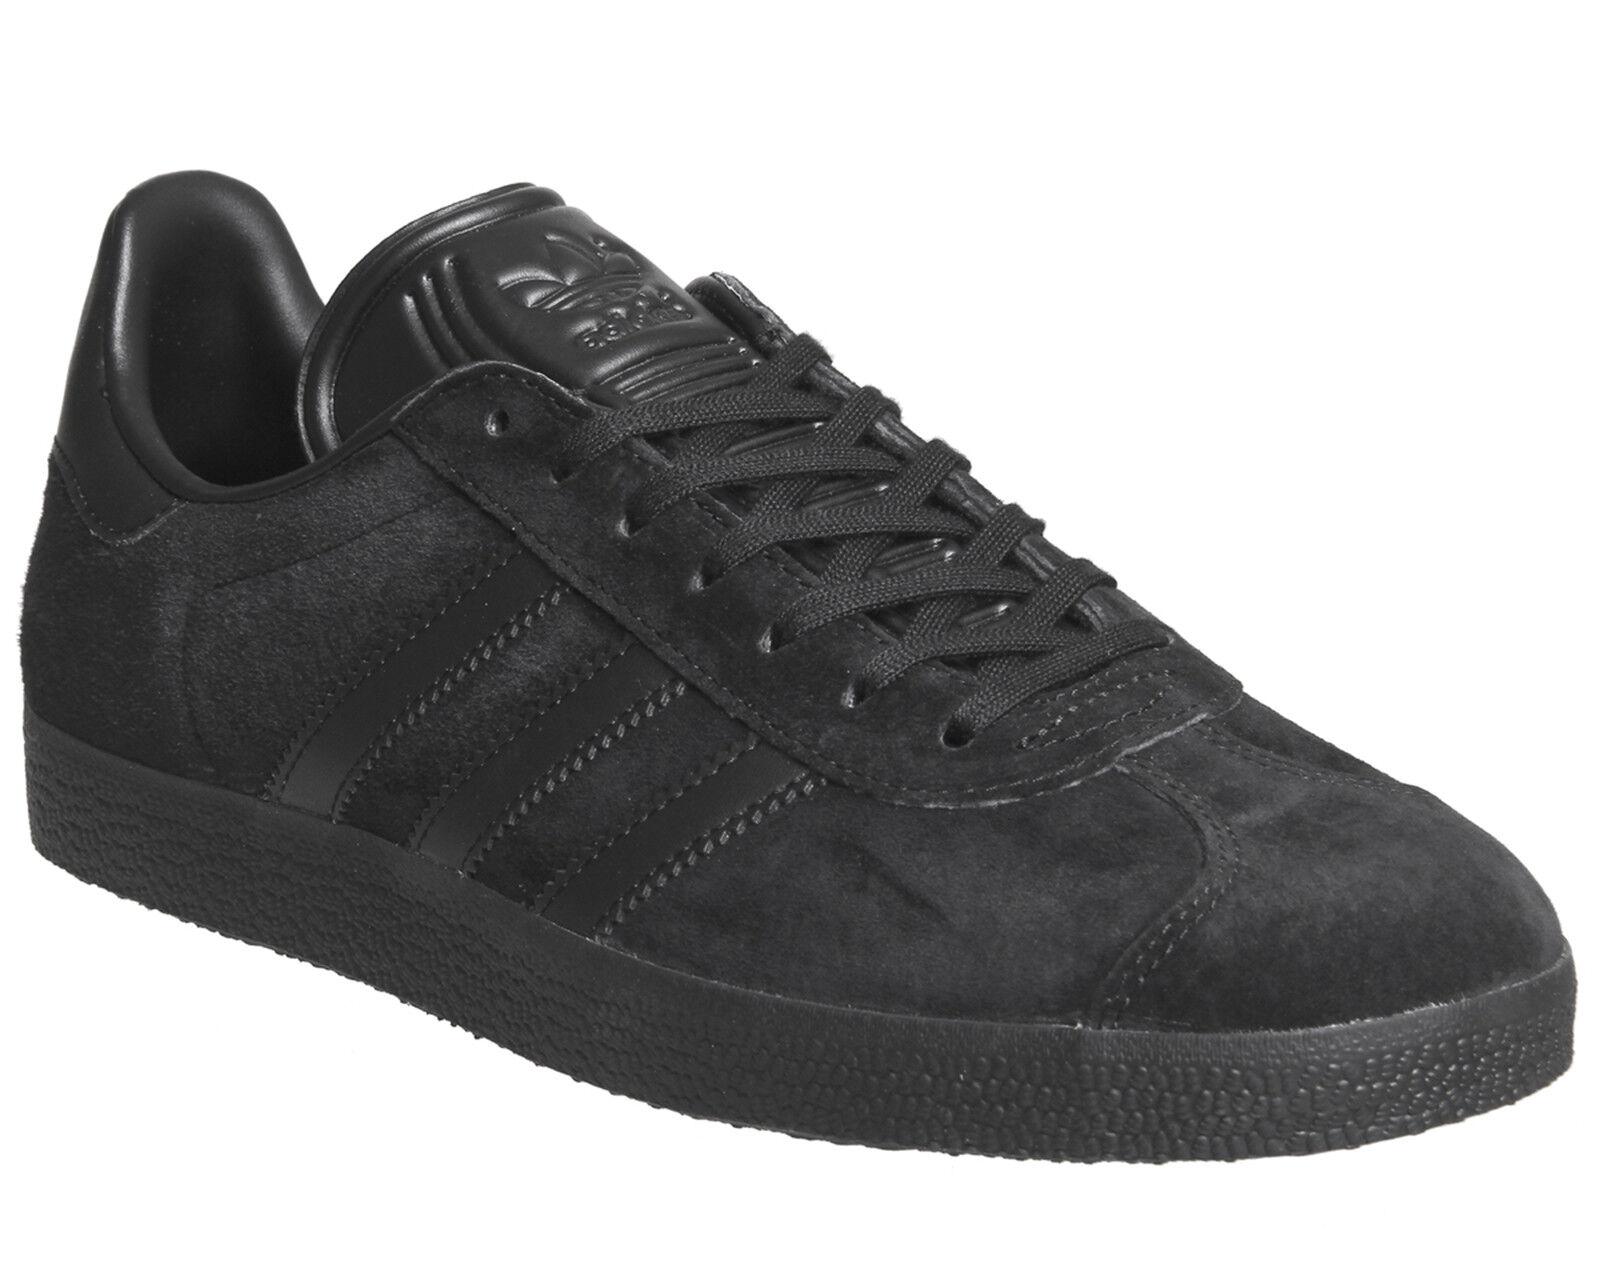 Para Hombre Adidas Gazelle Entrenadores Core Negra Core Zapatillas Negro Zapatillas Core Zapatos 4a5802